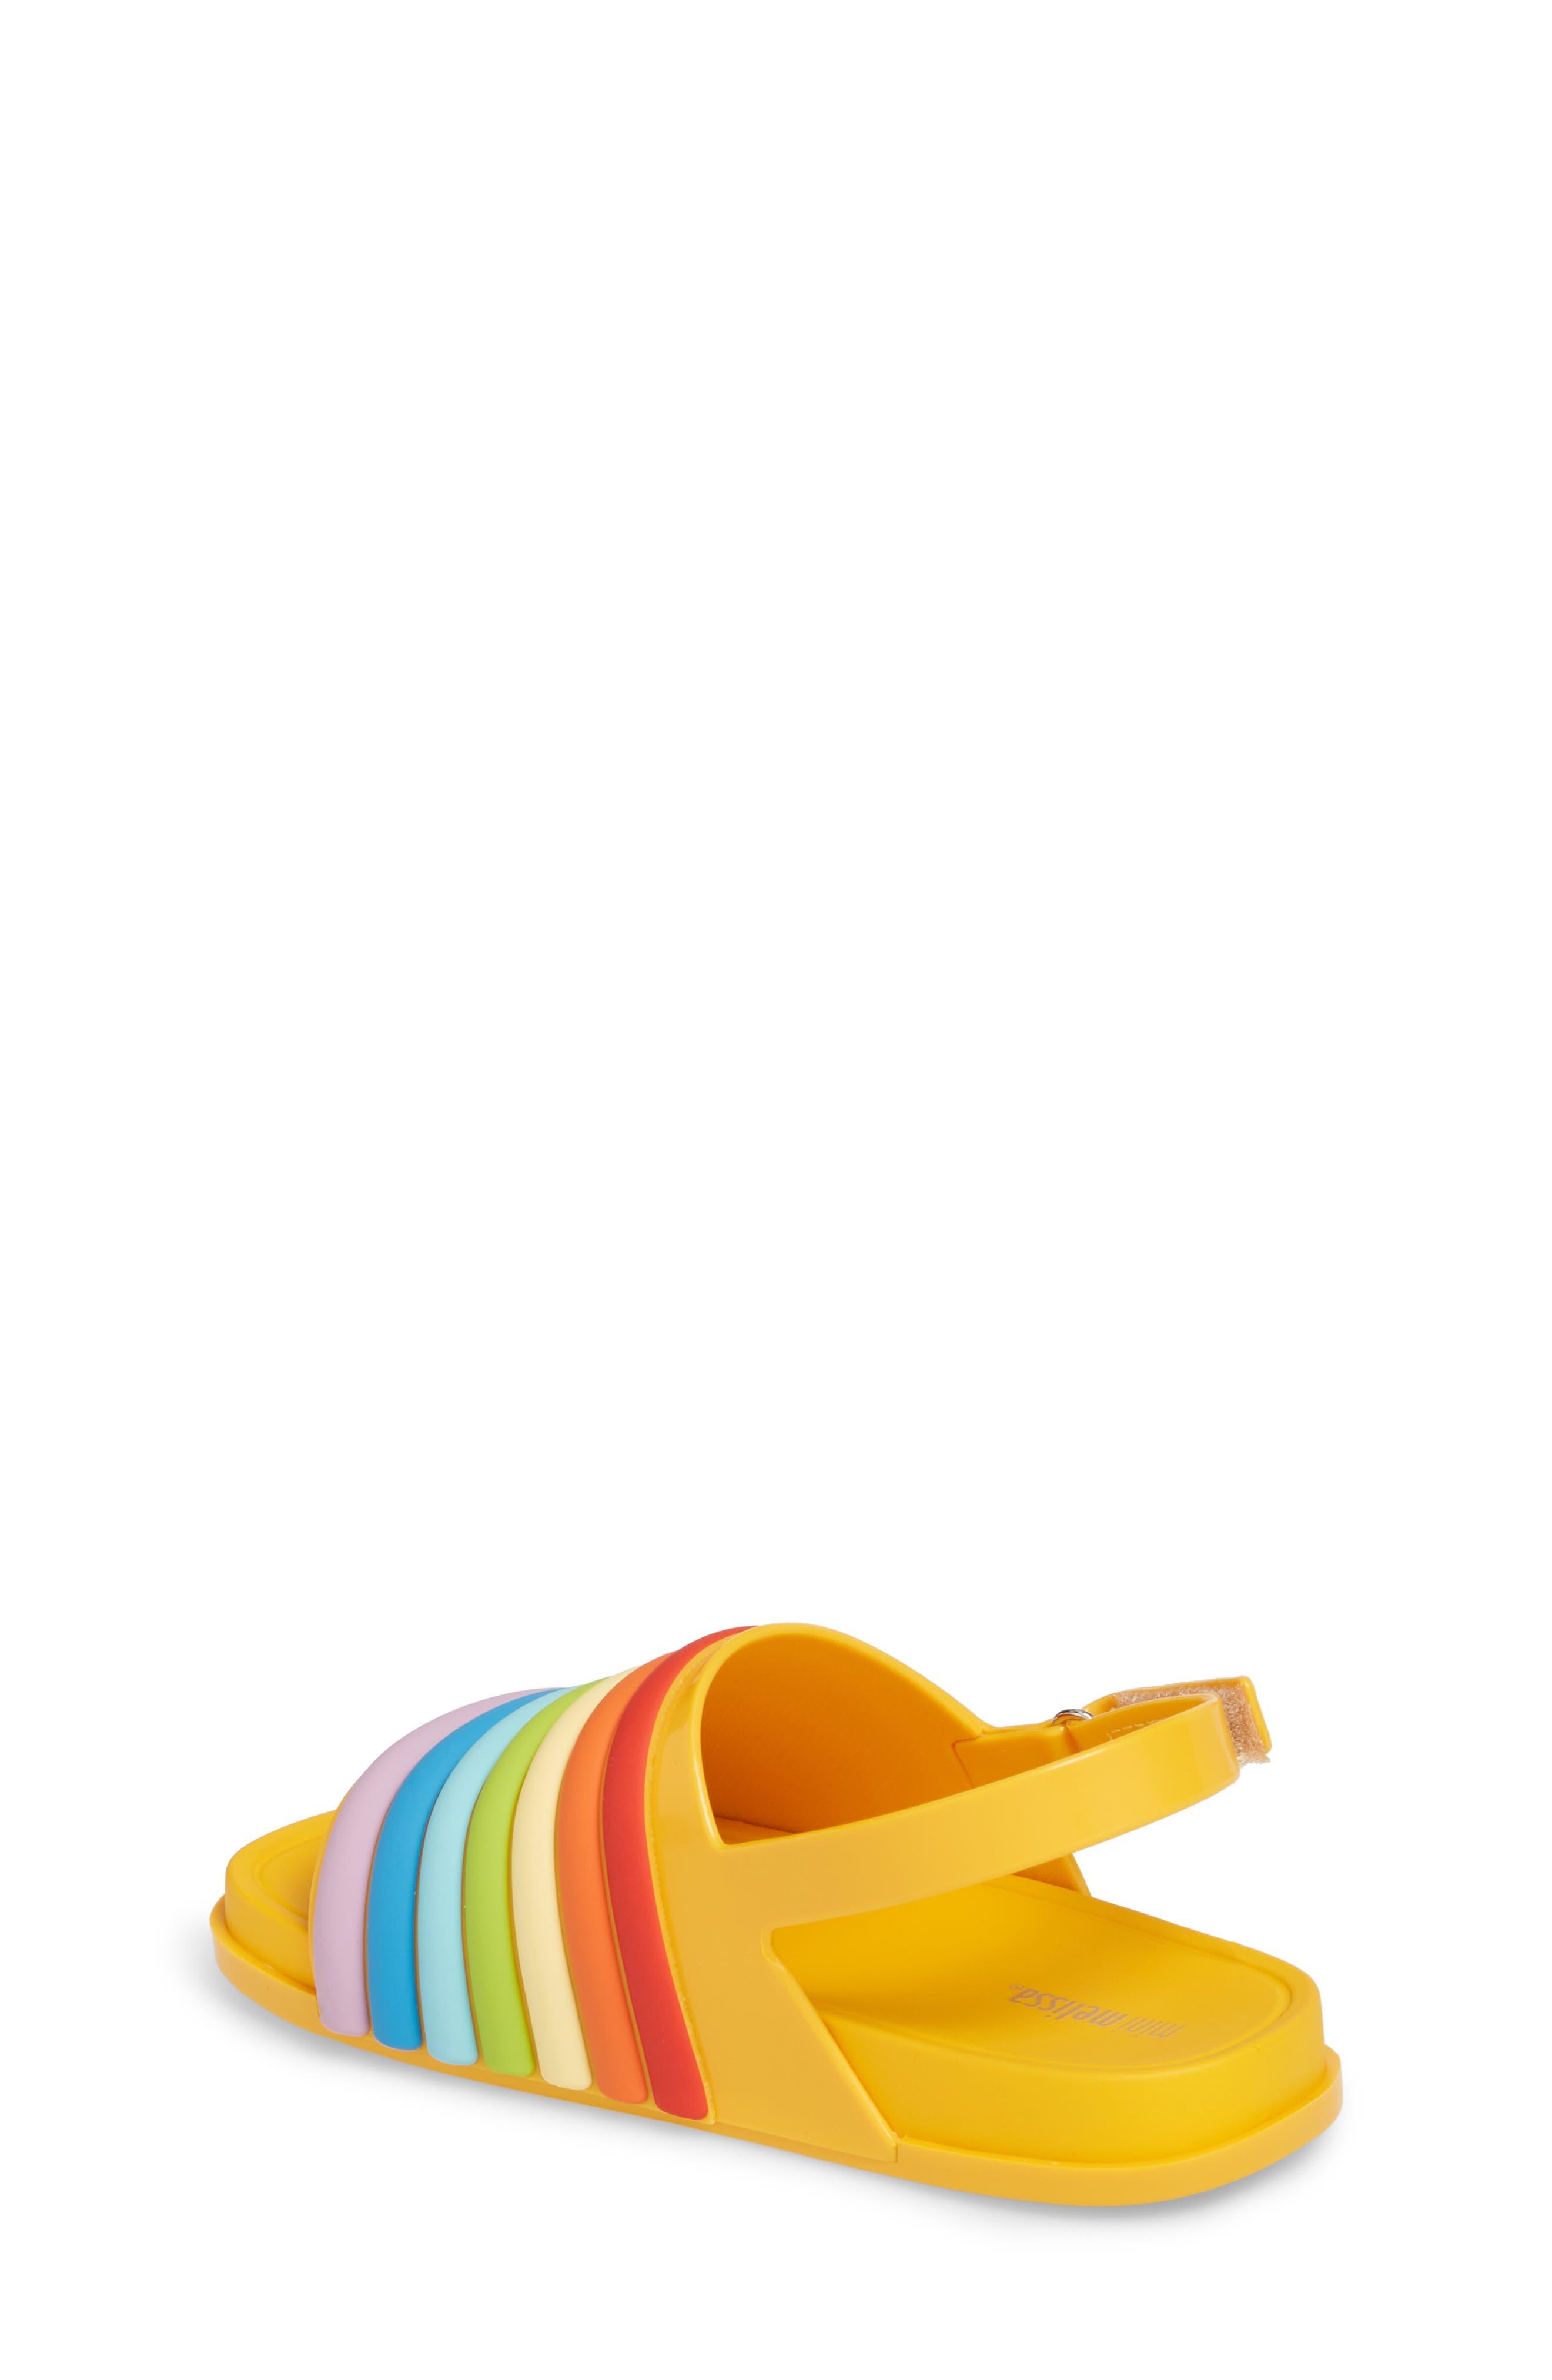 Rainbow Beach Sandal,                             Alternate thumbnail 8, color,